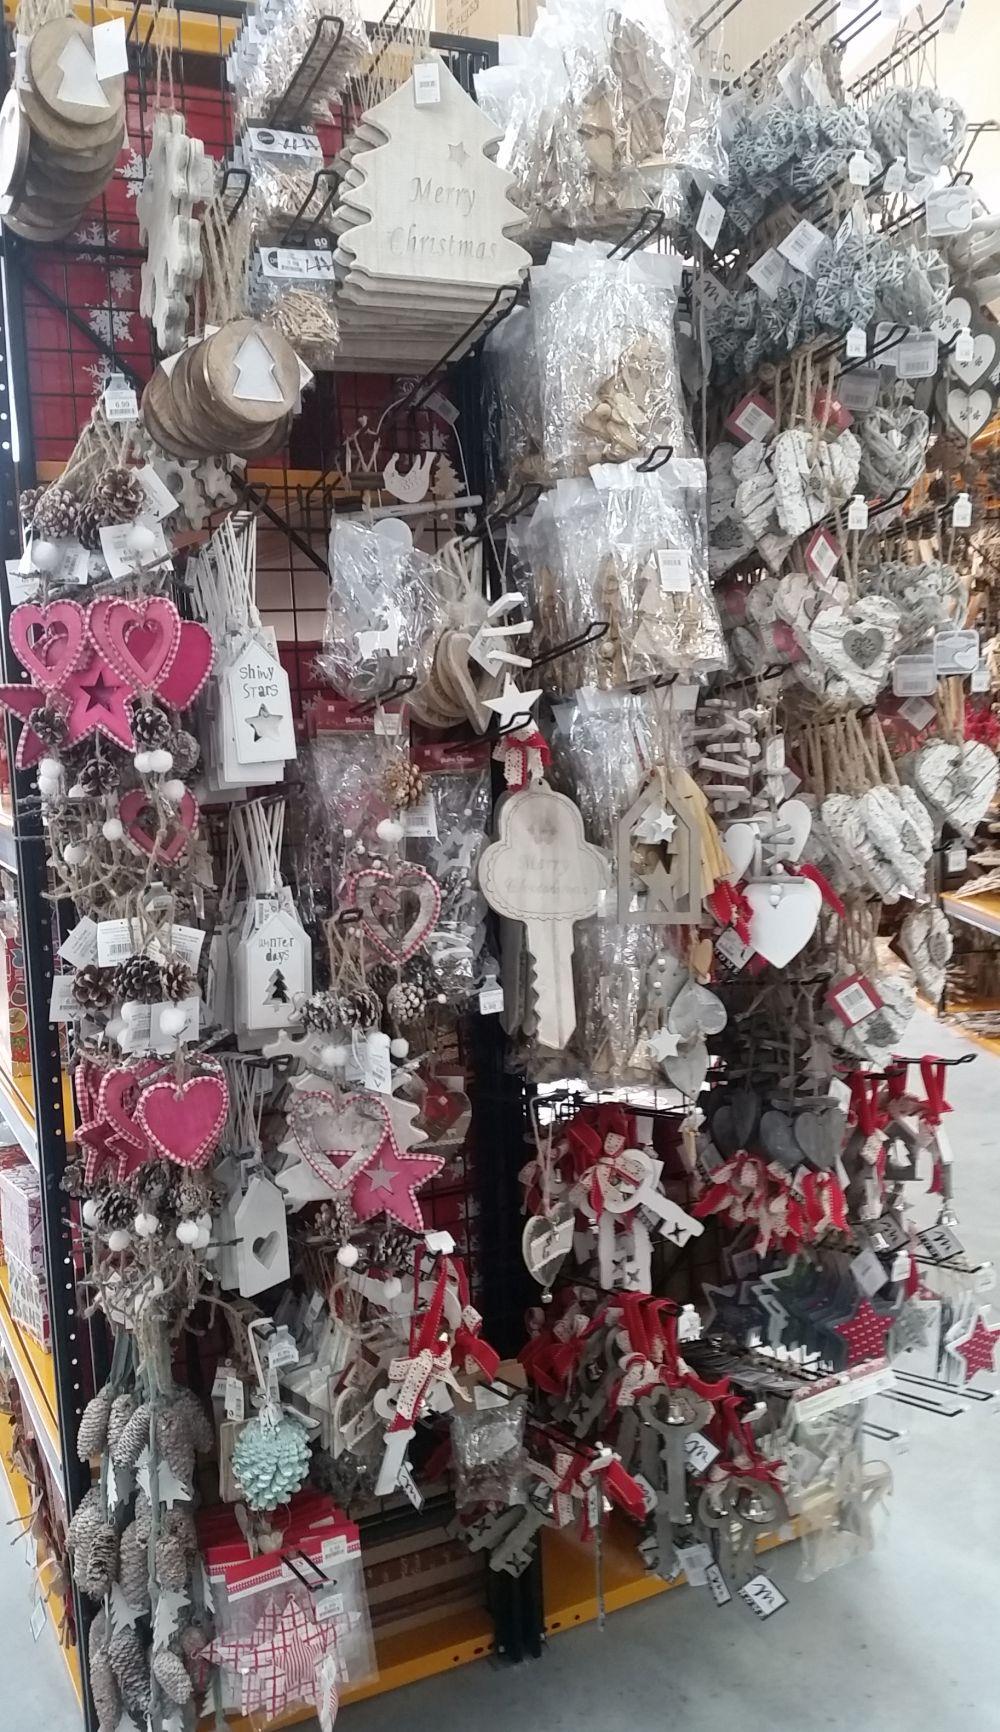 adelaparvu-com-despre-magazin-de-decoratiuni-si-obiecte-de-uz-casnic-da-moreno-50